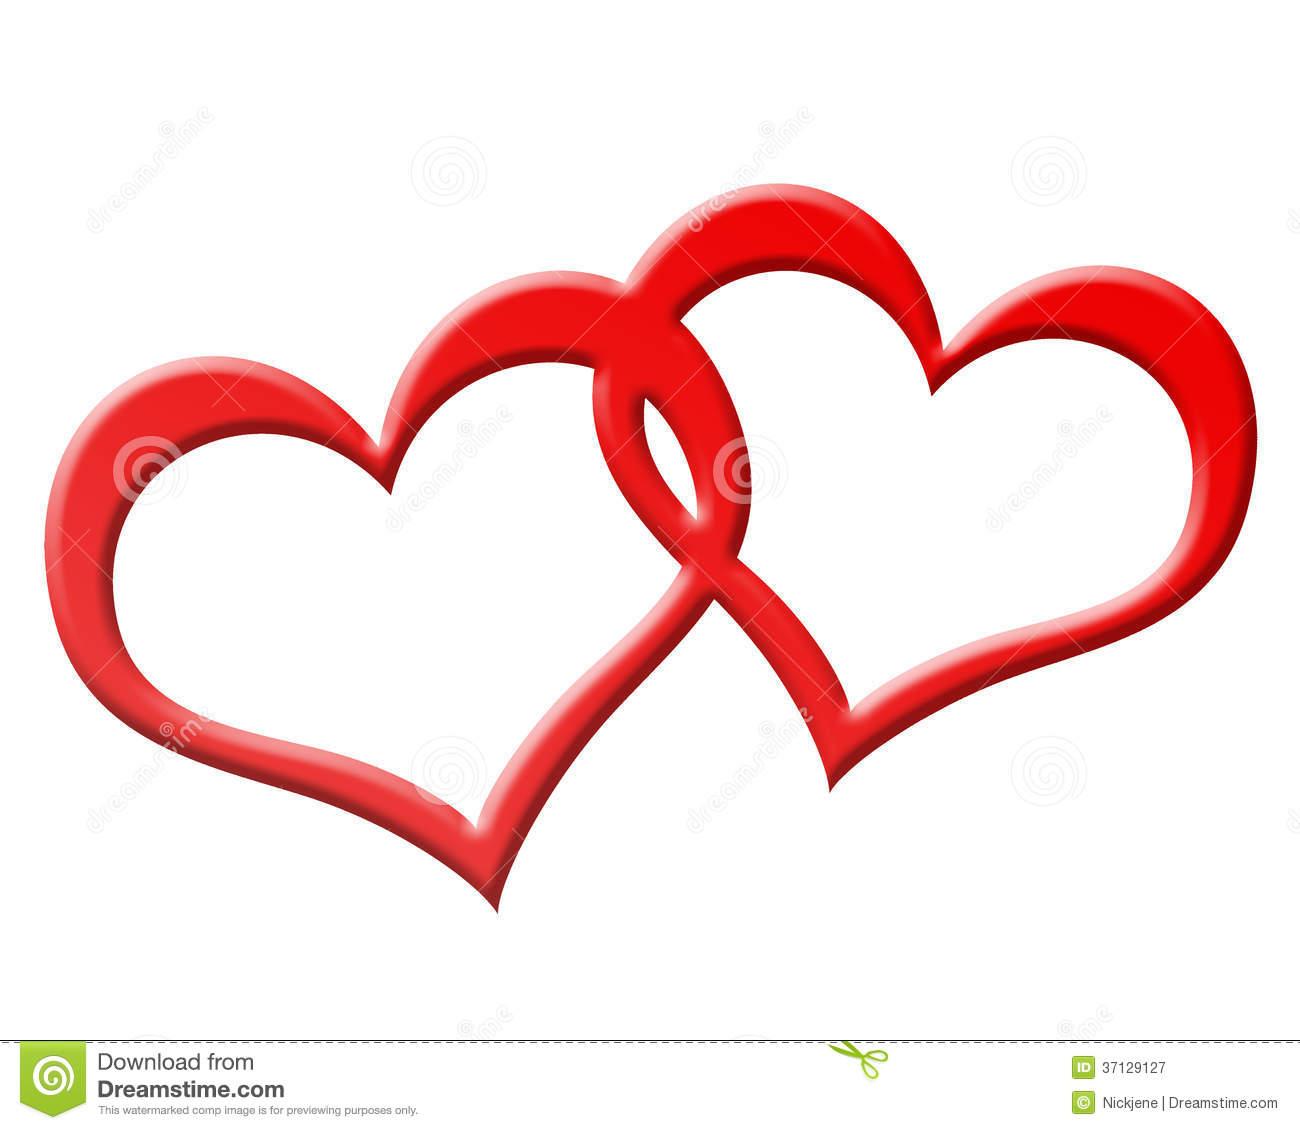 Double red heart logo for Immagini fedi nuziali da stampare